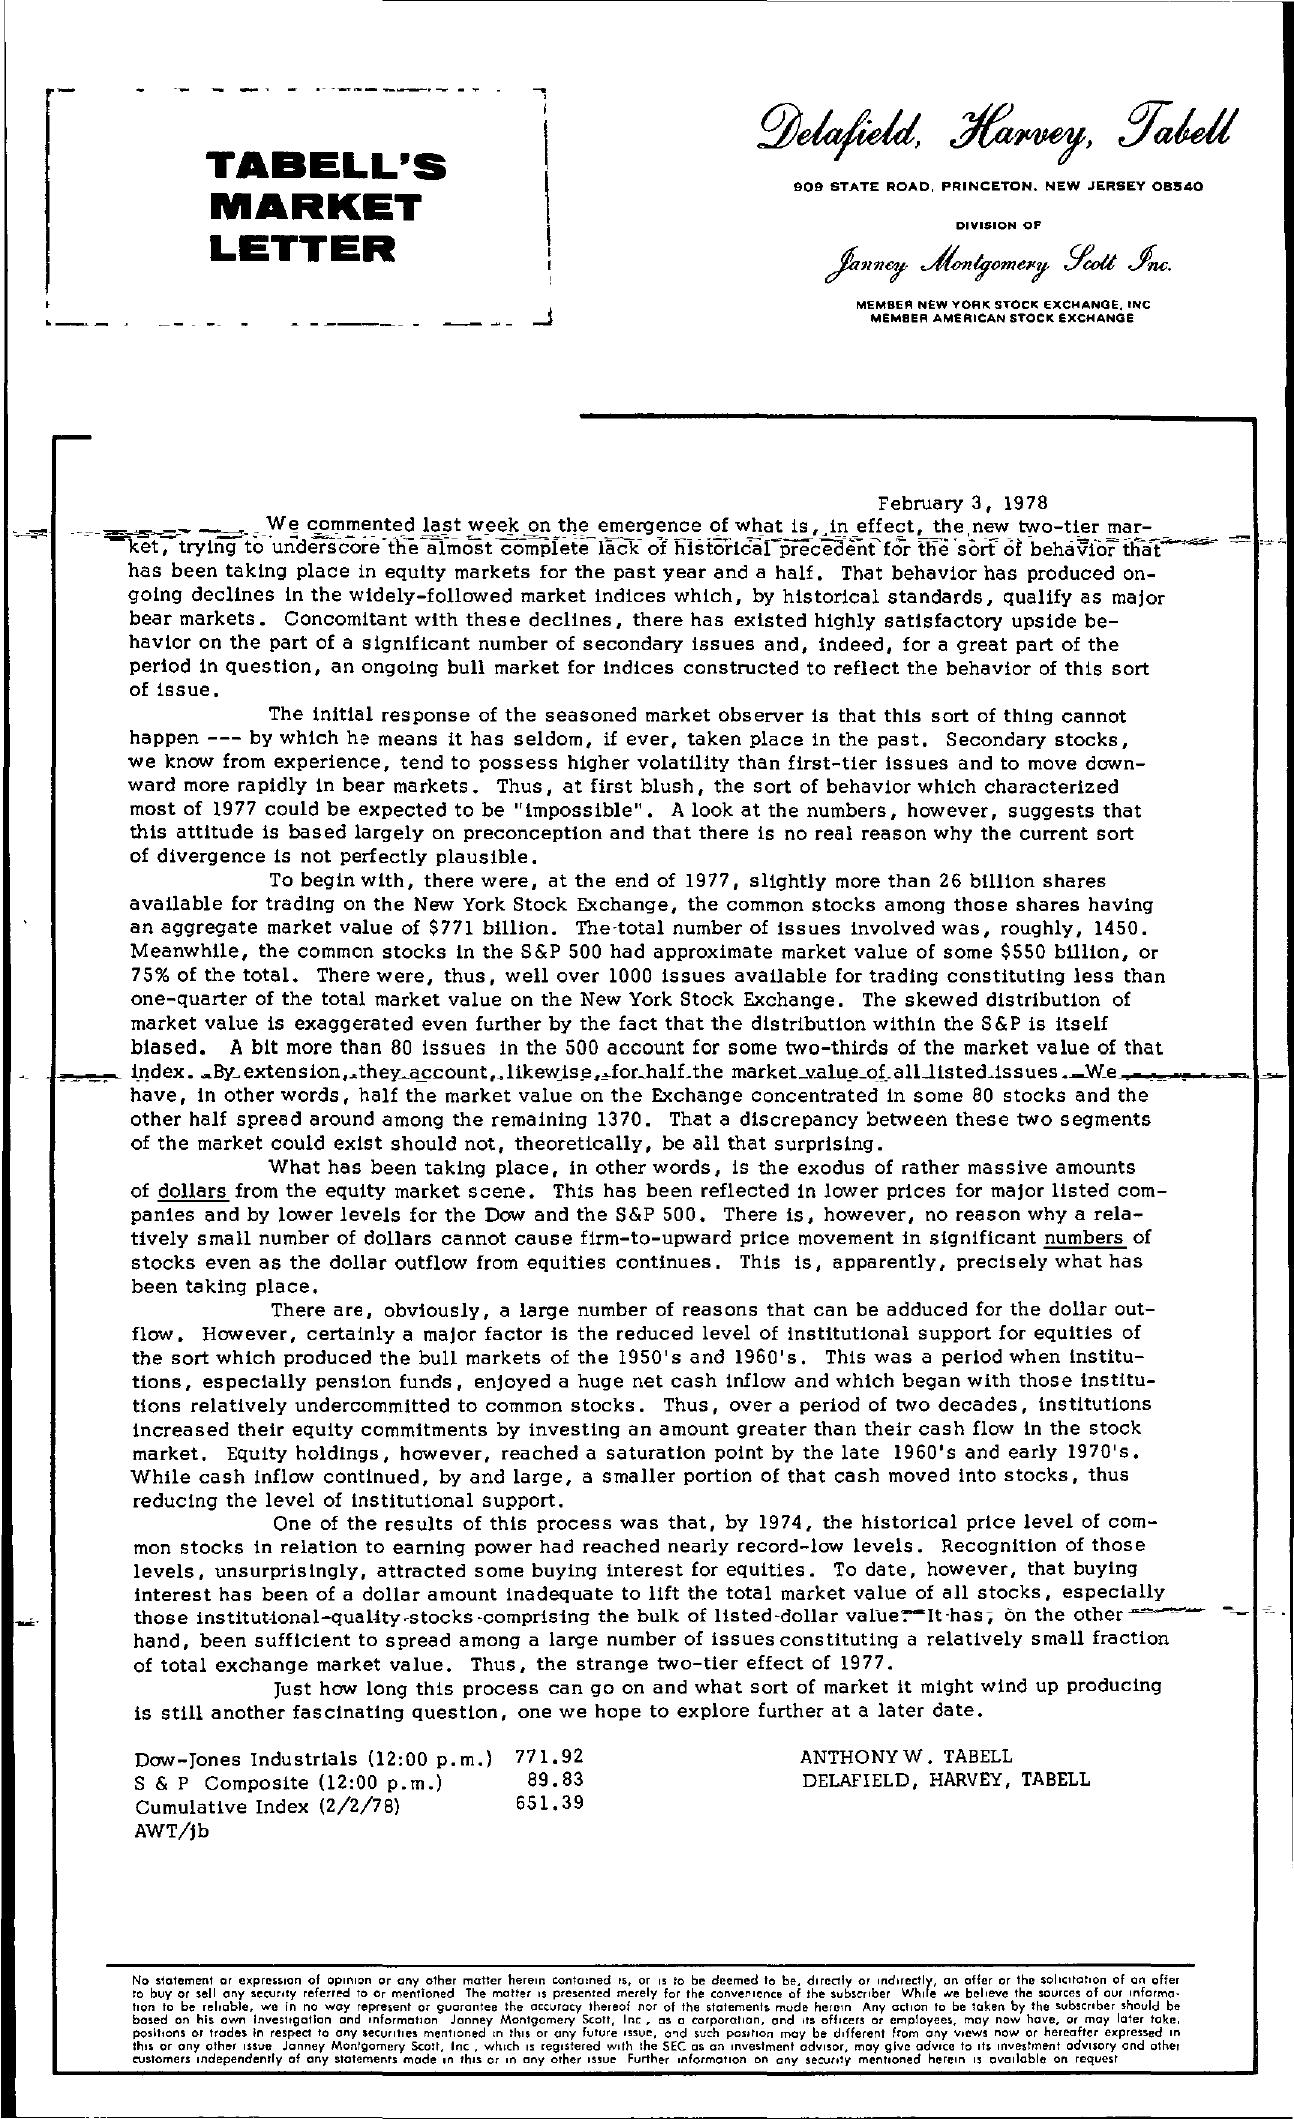 Tabell's Market Letter - February 03, 1978